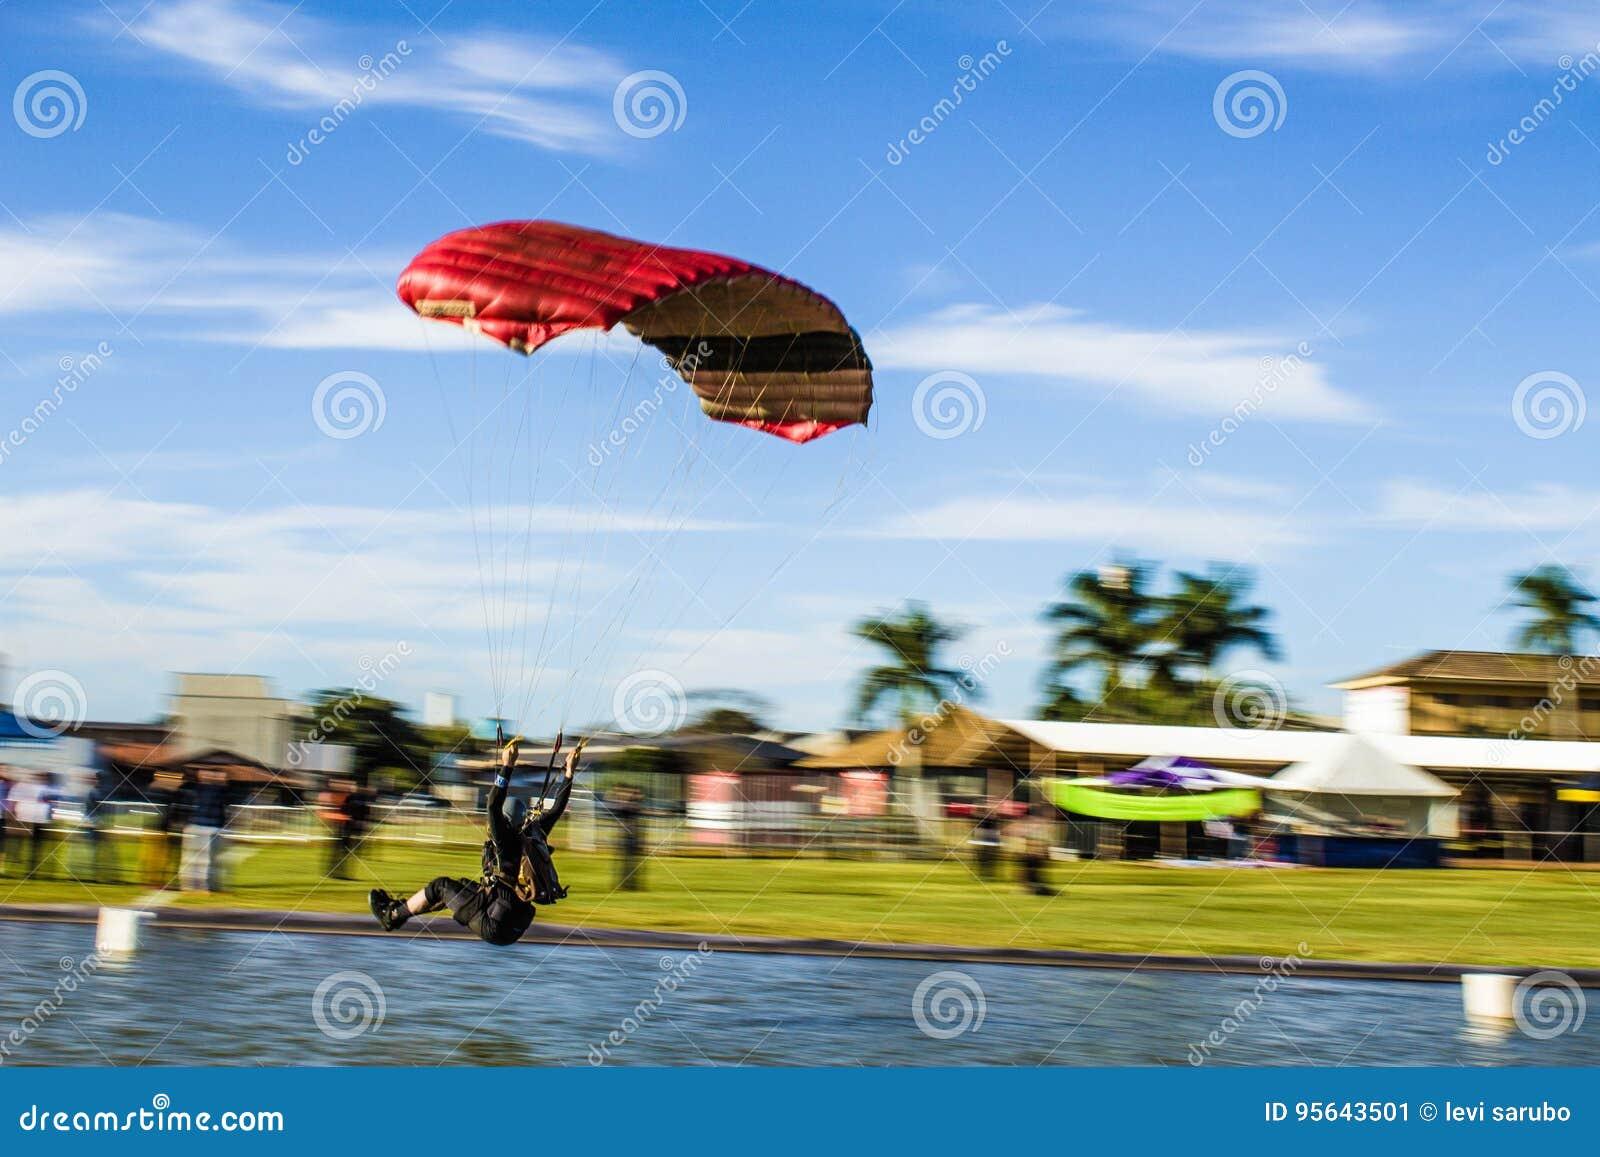 Посадка парашюта в воде